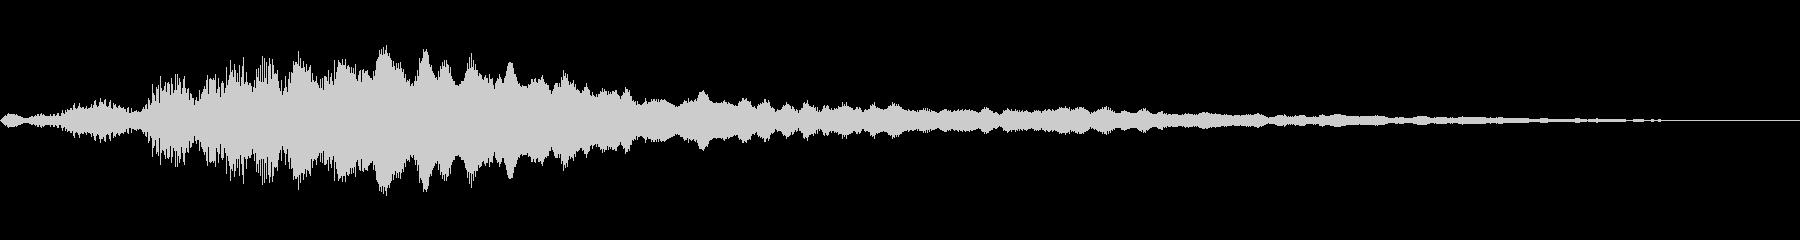 スパークリングベルのロゴの未再生の波形